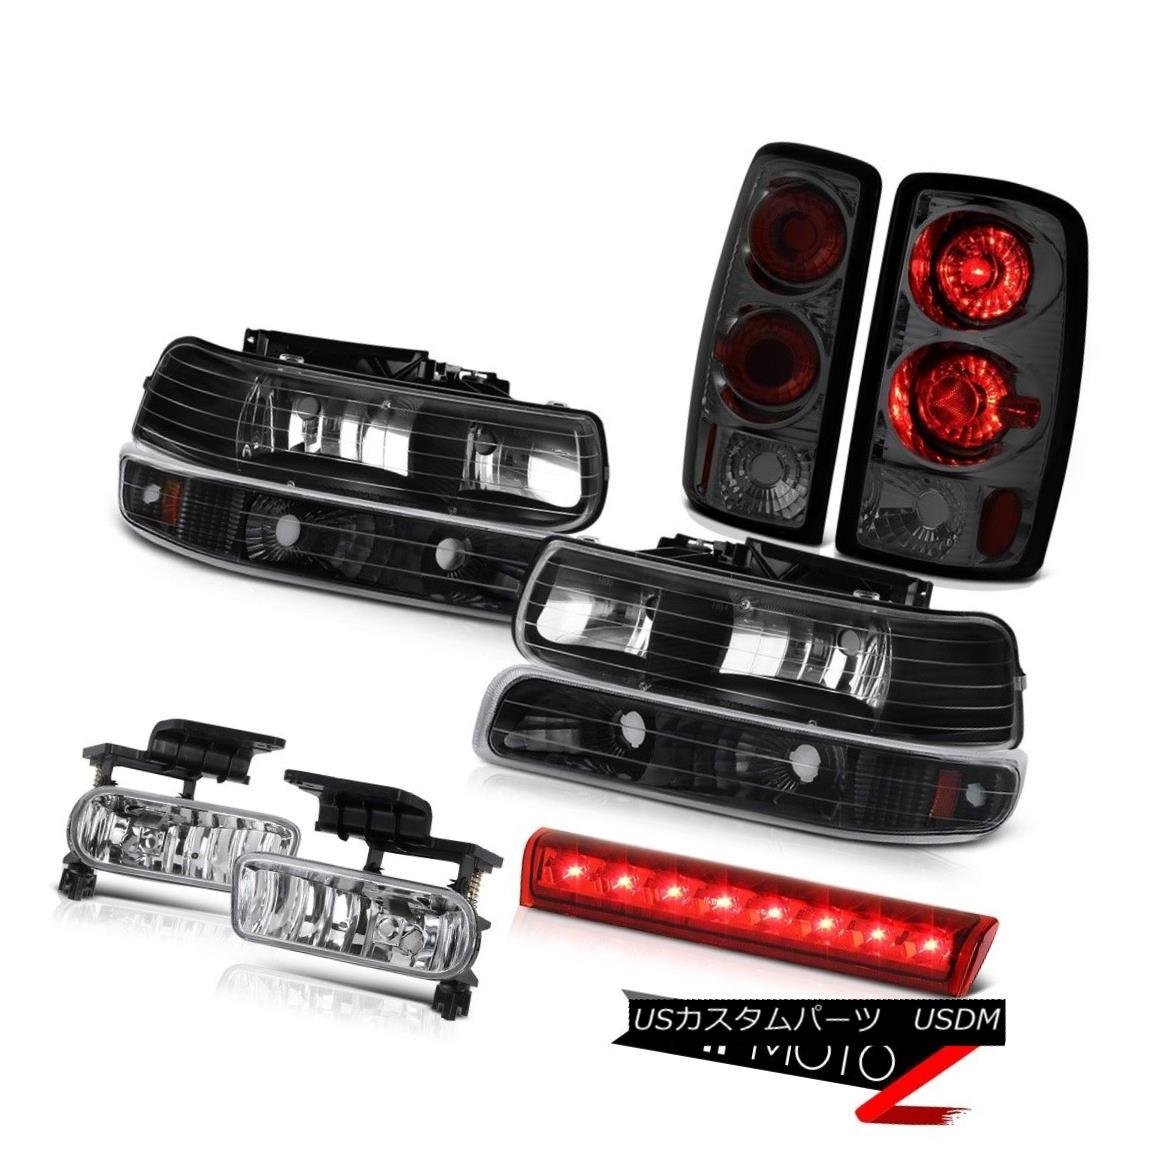 ヘッドライト 00-06 Chevy Tahoe Z71 Red roof cargo light fog lights parking brake Headlamps 00-06 Chevy Tahoe Z71レッドルーフカーゴライトフォグライトパーキングブレーキヘッドランプ